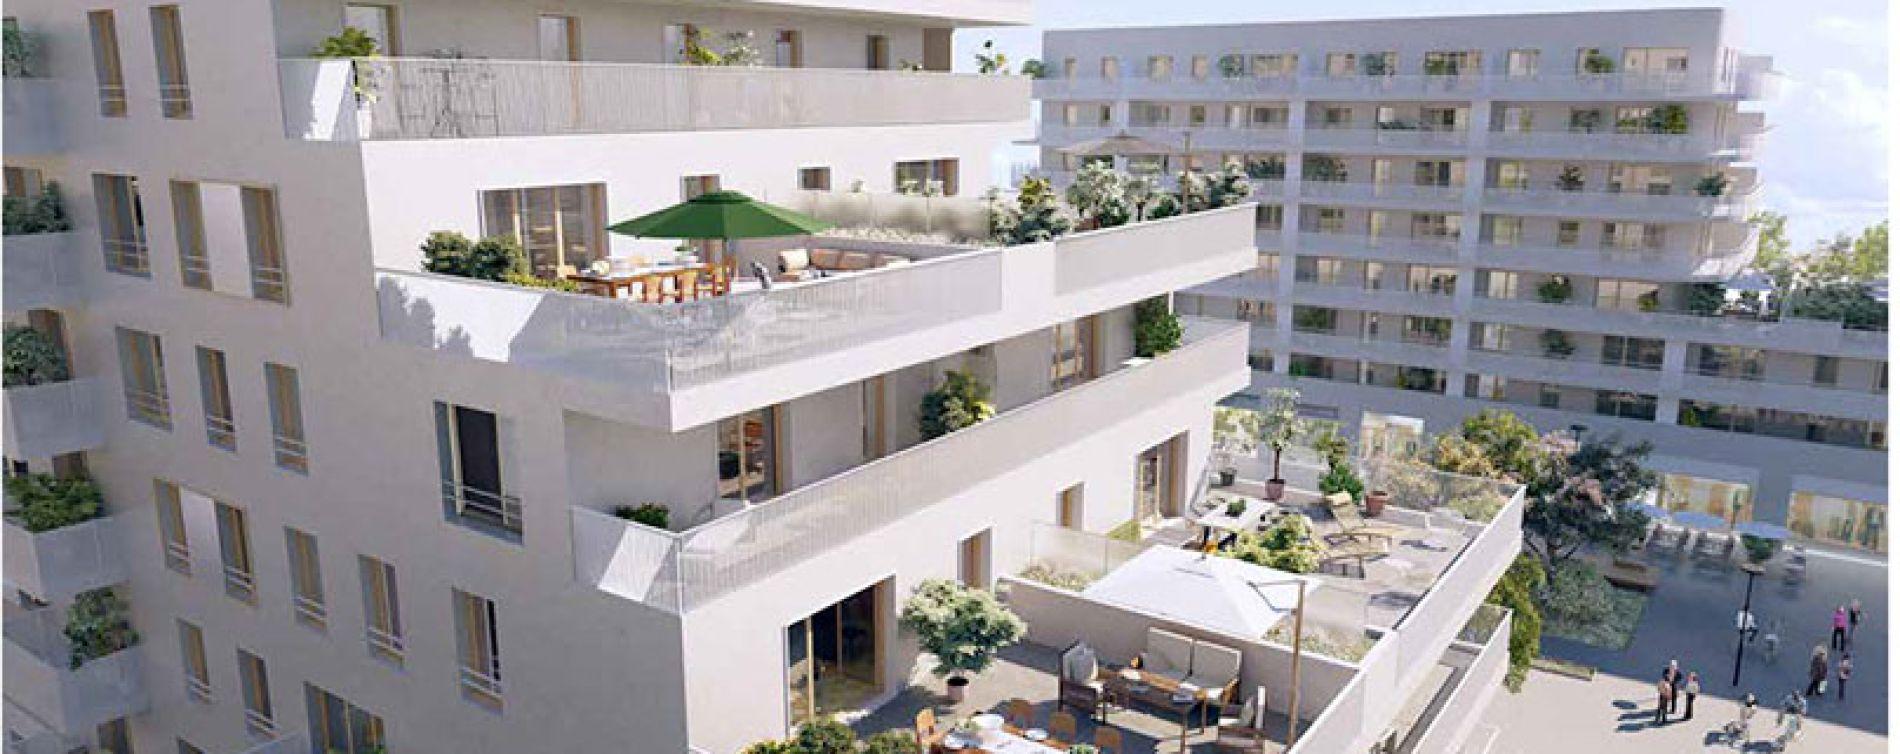 Evidece my meudon meudon programme immobilier neuf n 212581 for Appartement atypique hauts de seine